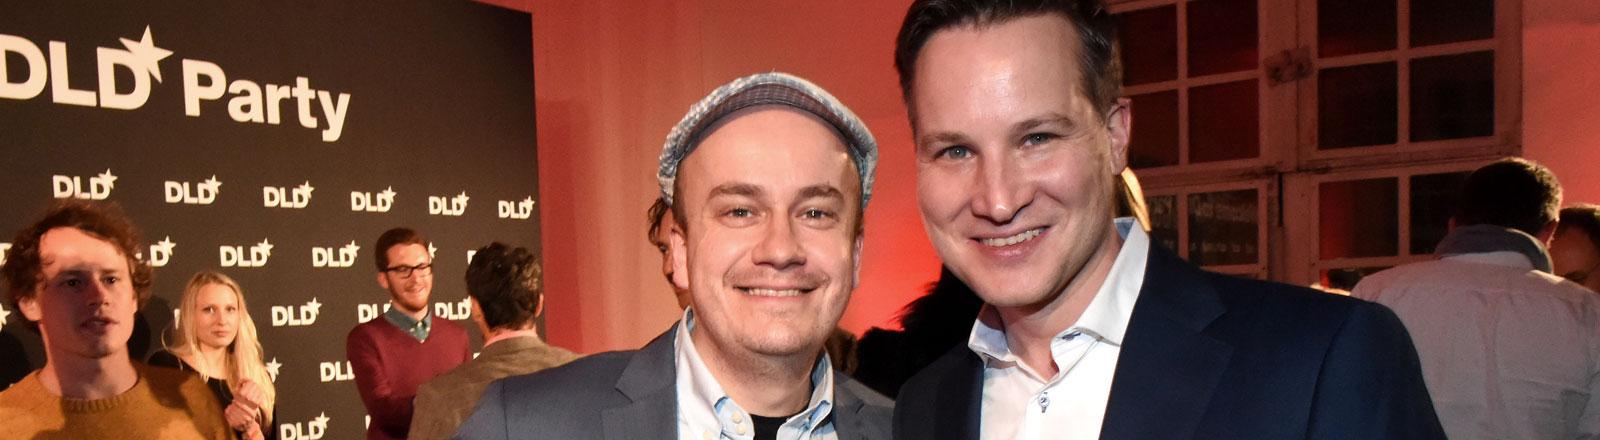 Daniel Fiene (links) und Richard Gutjahr (rechts) bei der DLD-Party im Januar 2015.